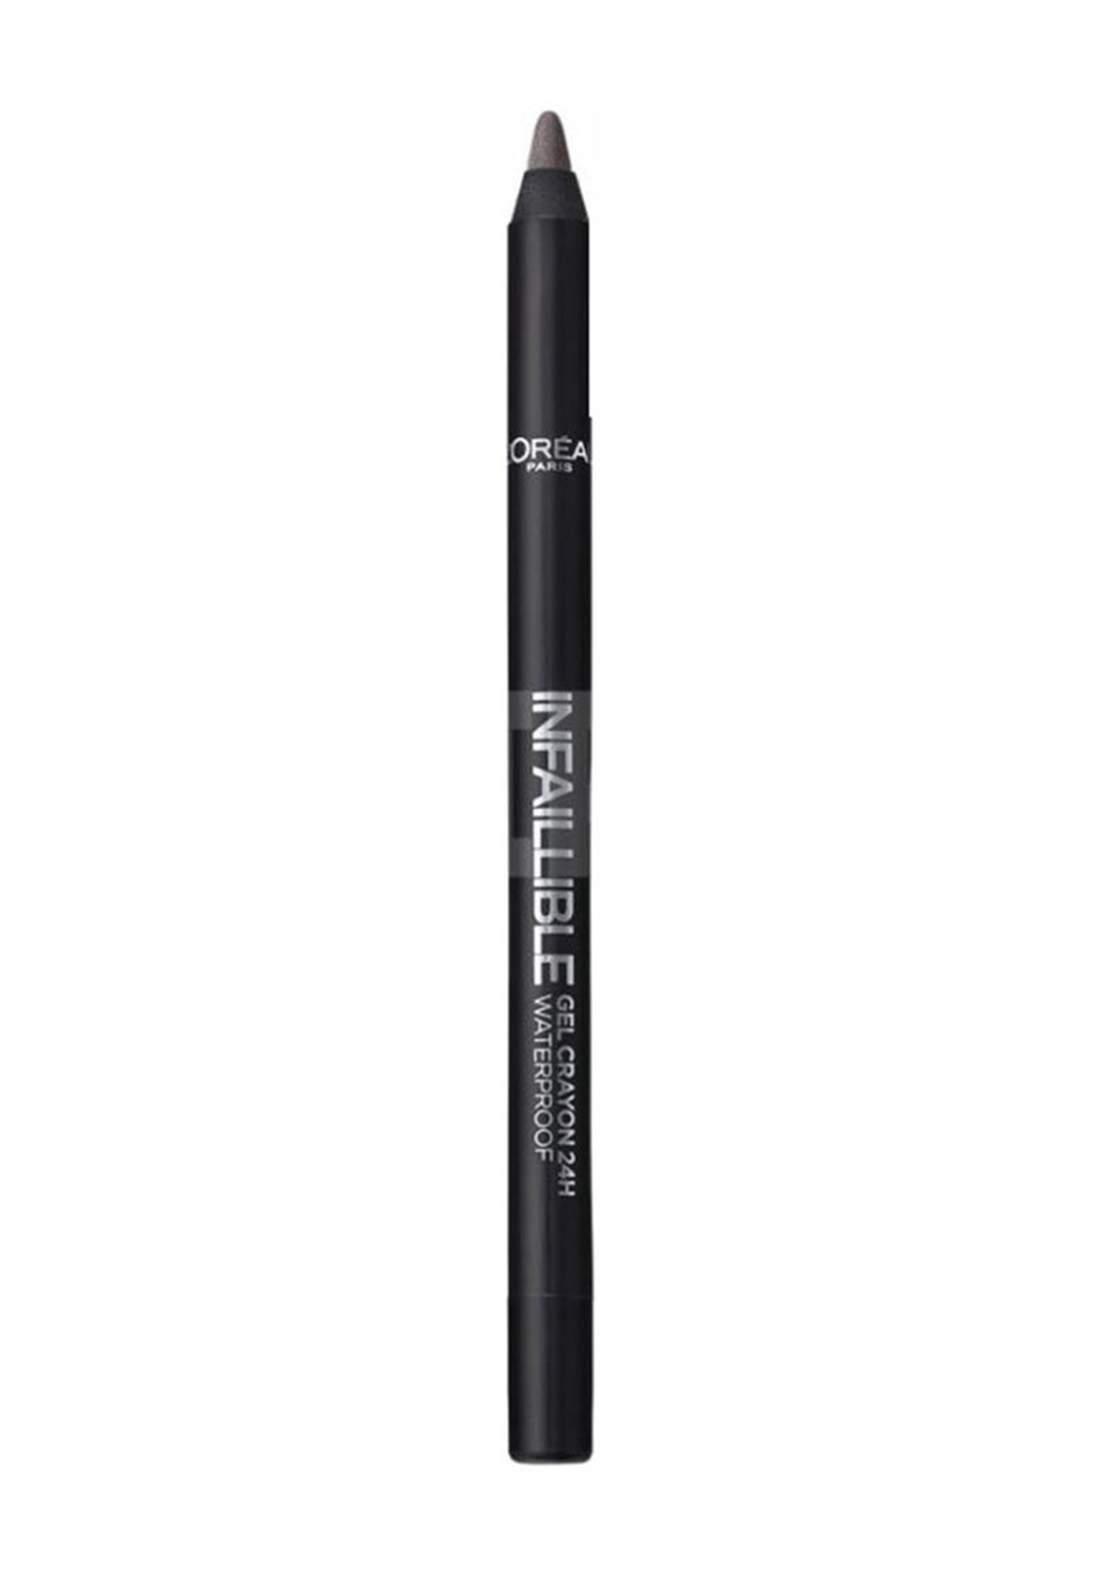 L'Oreal Paris Infallible Gel Crayon Eyeliner 04 Taupe (027-0835) قلم تحديد العيون